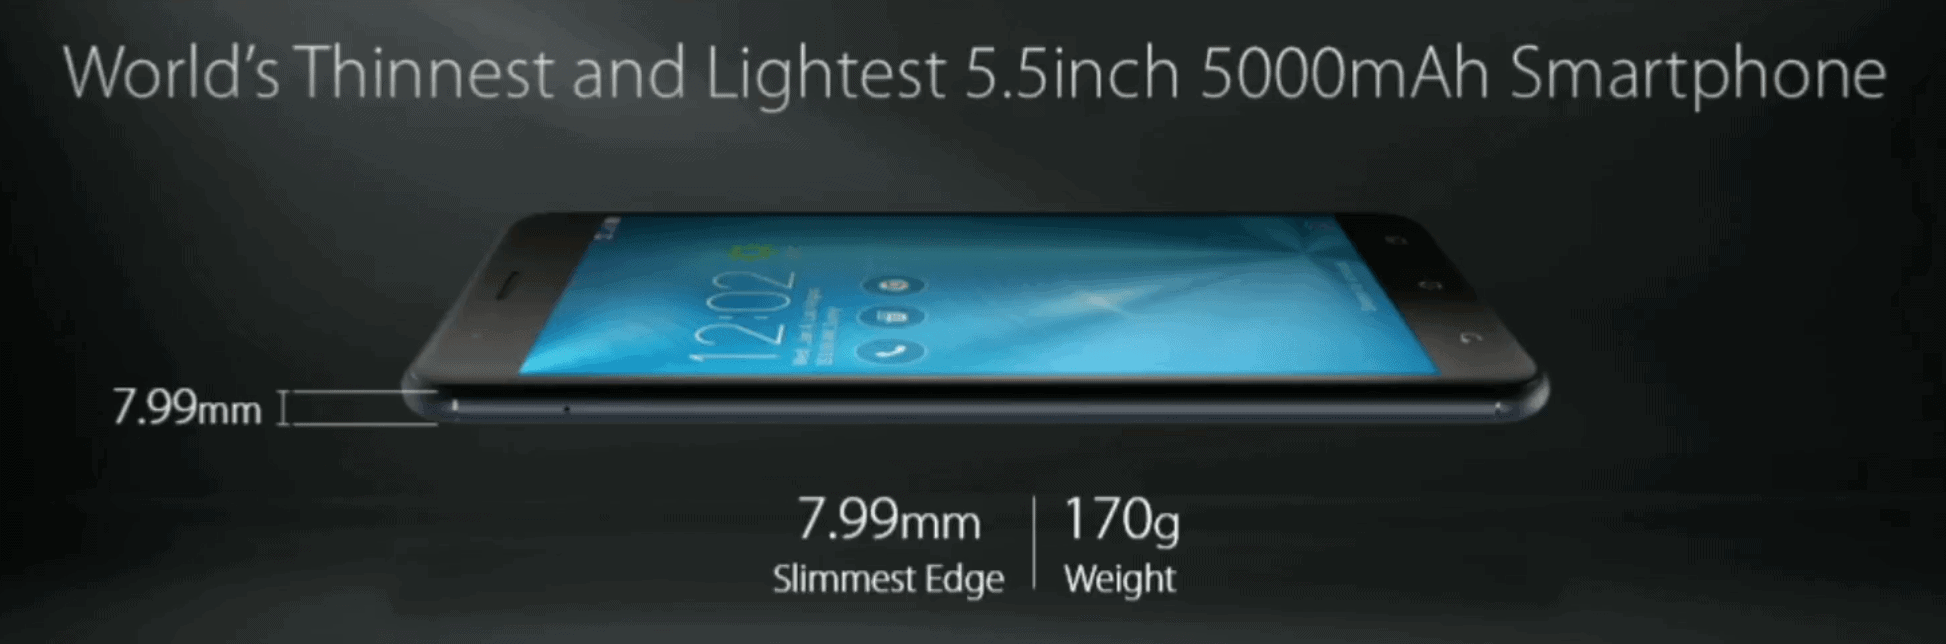 ASUS ZenFone 3 Zoom 5